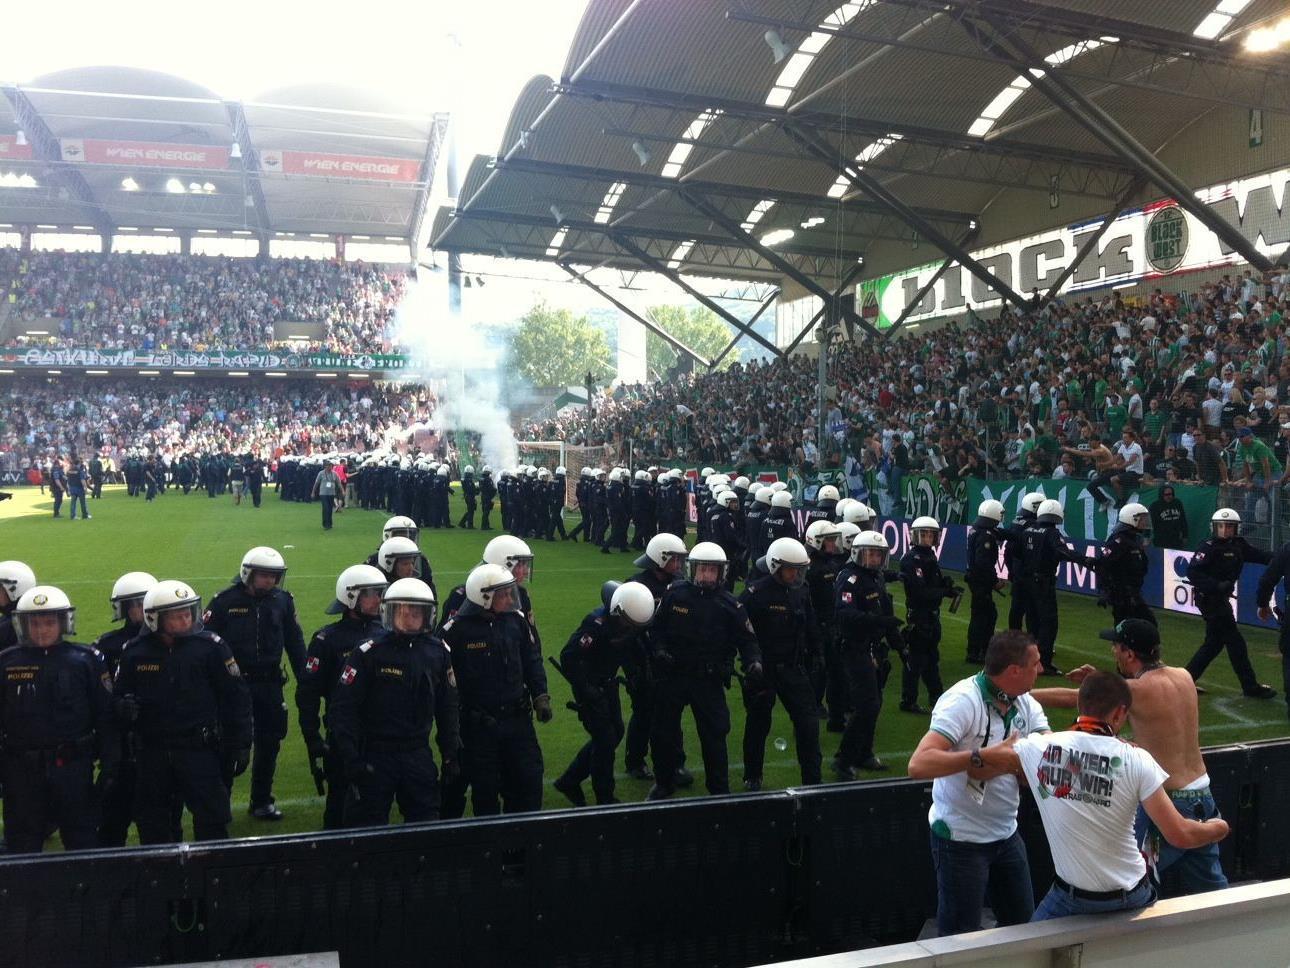 Nach den Ausschreitungten im letzten Wiener Derby im Hanappi Stadion, bleibt die Spannung groß.